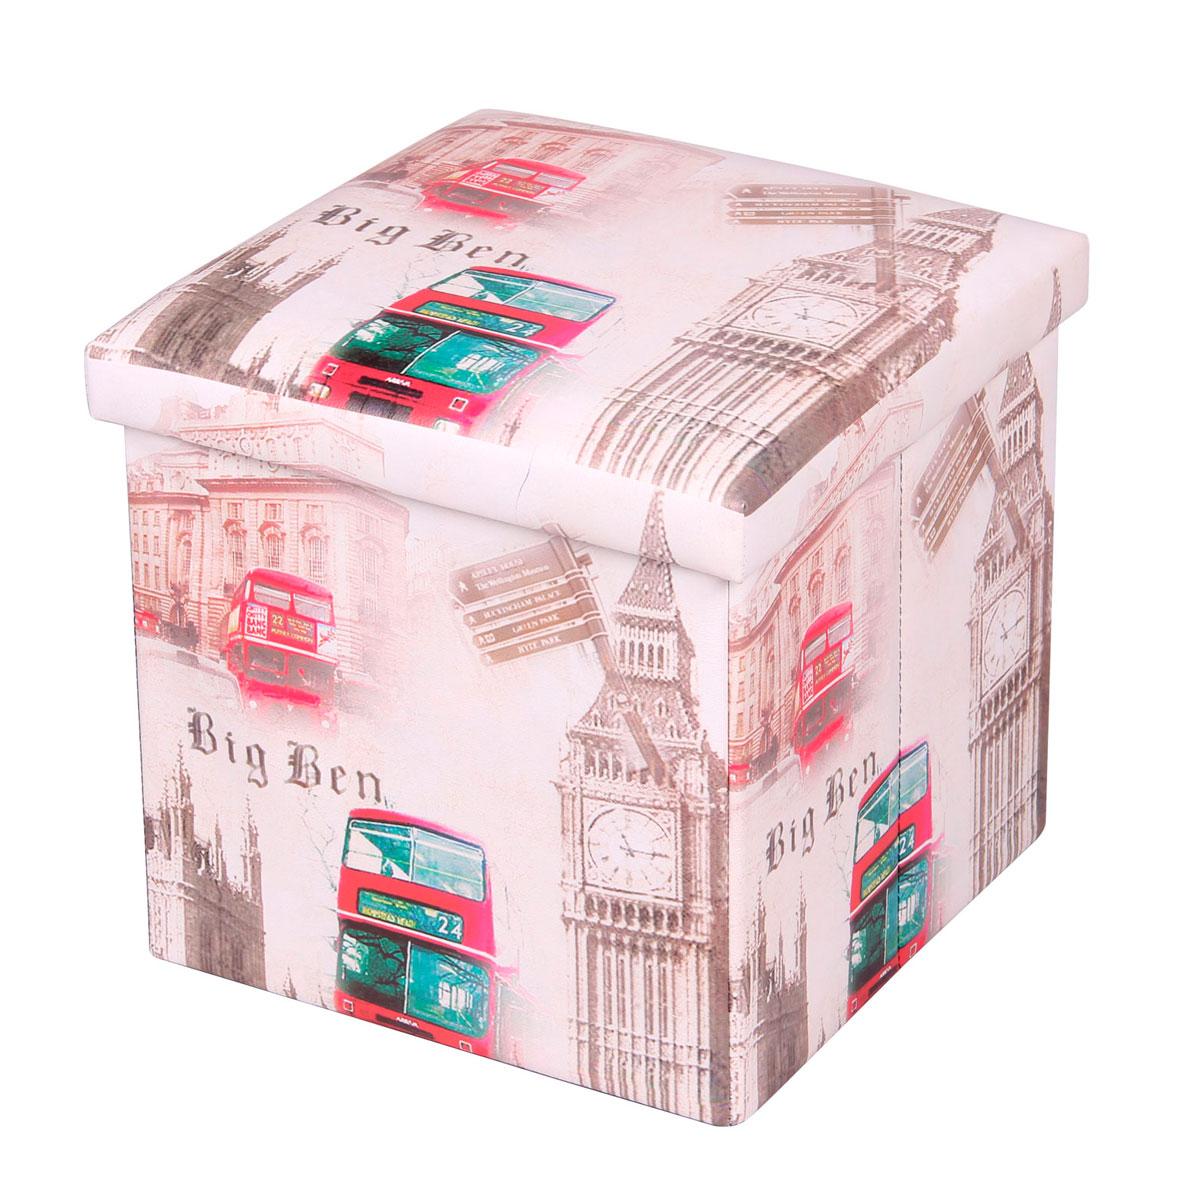 Пуф-короб для xранения Miolla, 38 x 38 x 38 см. PSS-13PSS-13Пуф-короб Miolla создан, чтобы сделать хранение вещей не только удобным, но и стильным. Классический Лондон снаружи и внутри идеальное функциональное пространство для хранения необходимых мелочей и аксессуаров. Несмотря на внешне компактные размеры, пуф-короб очень вместителен и определенно станет незаменимой вещью в любом доме.